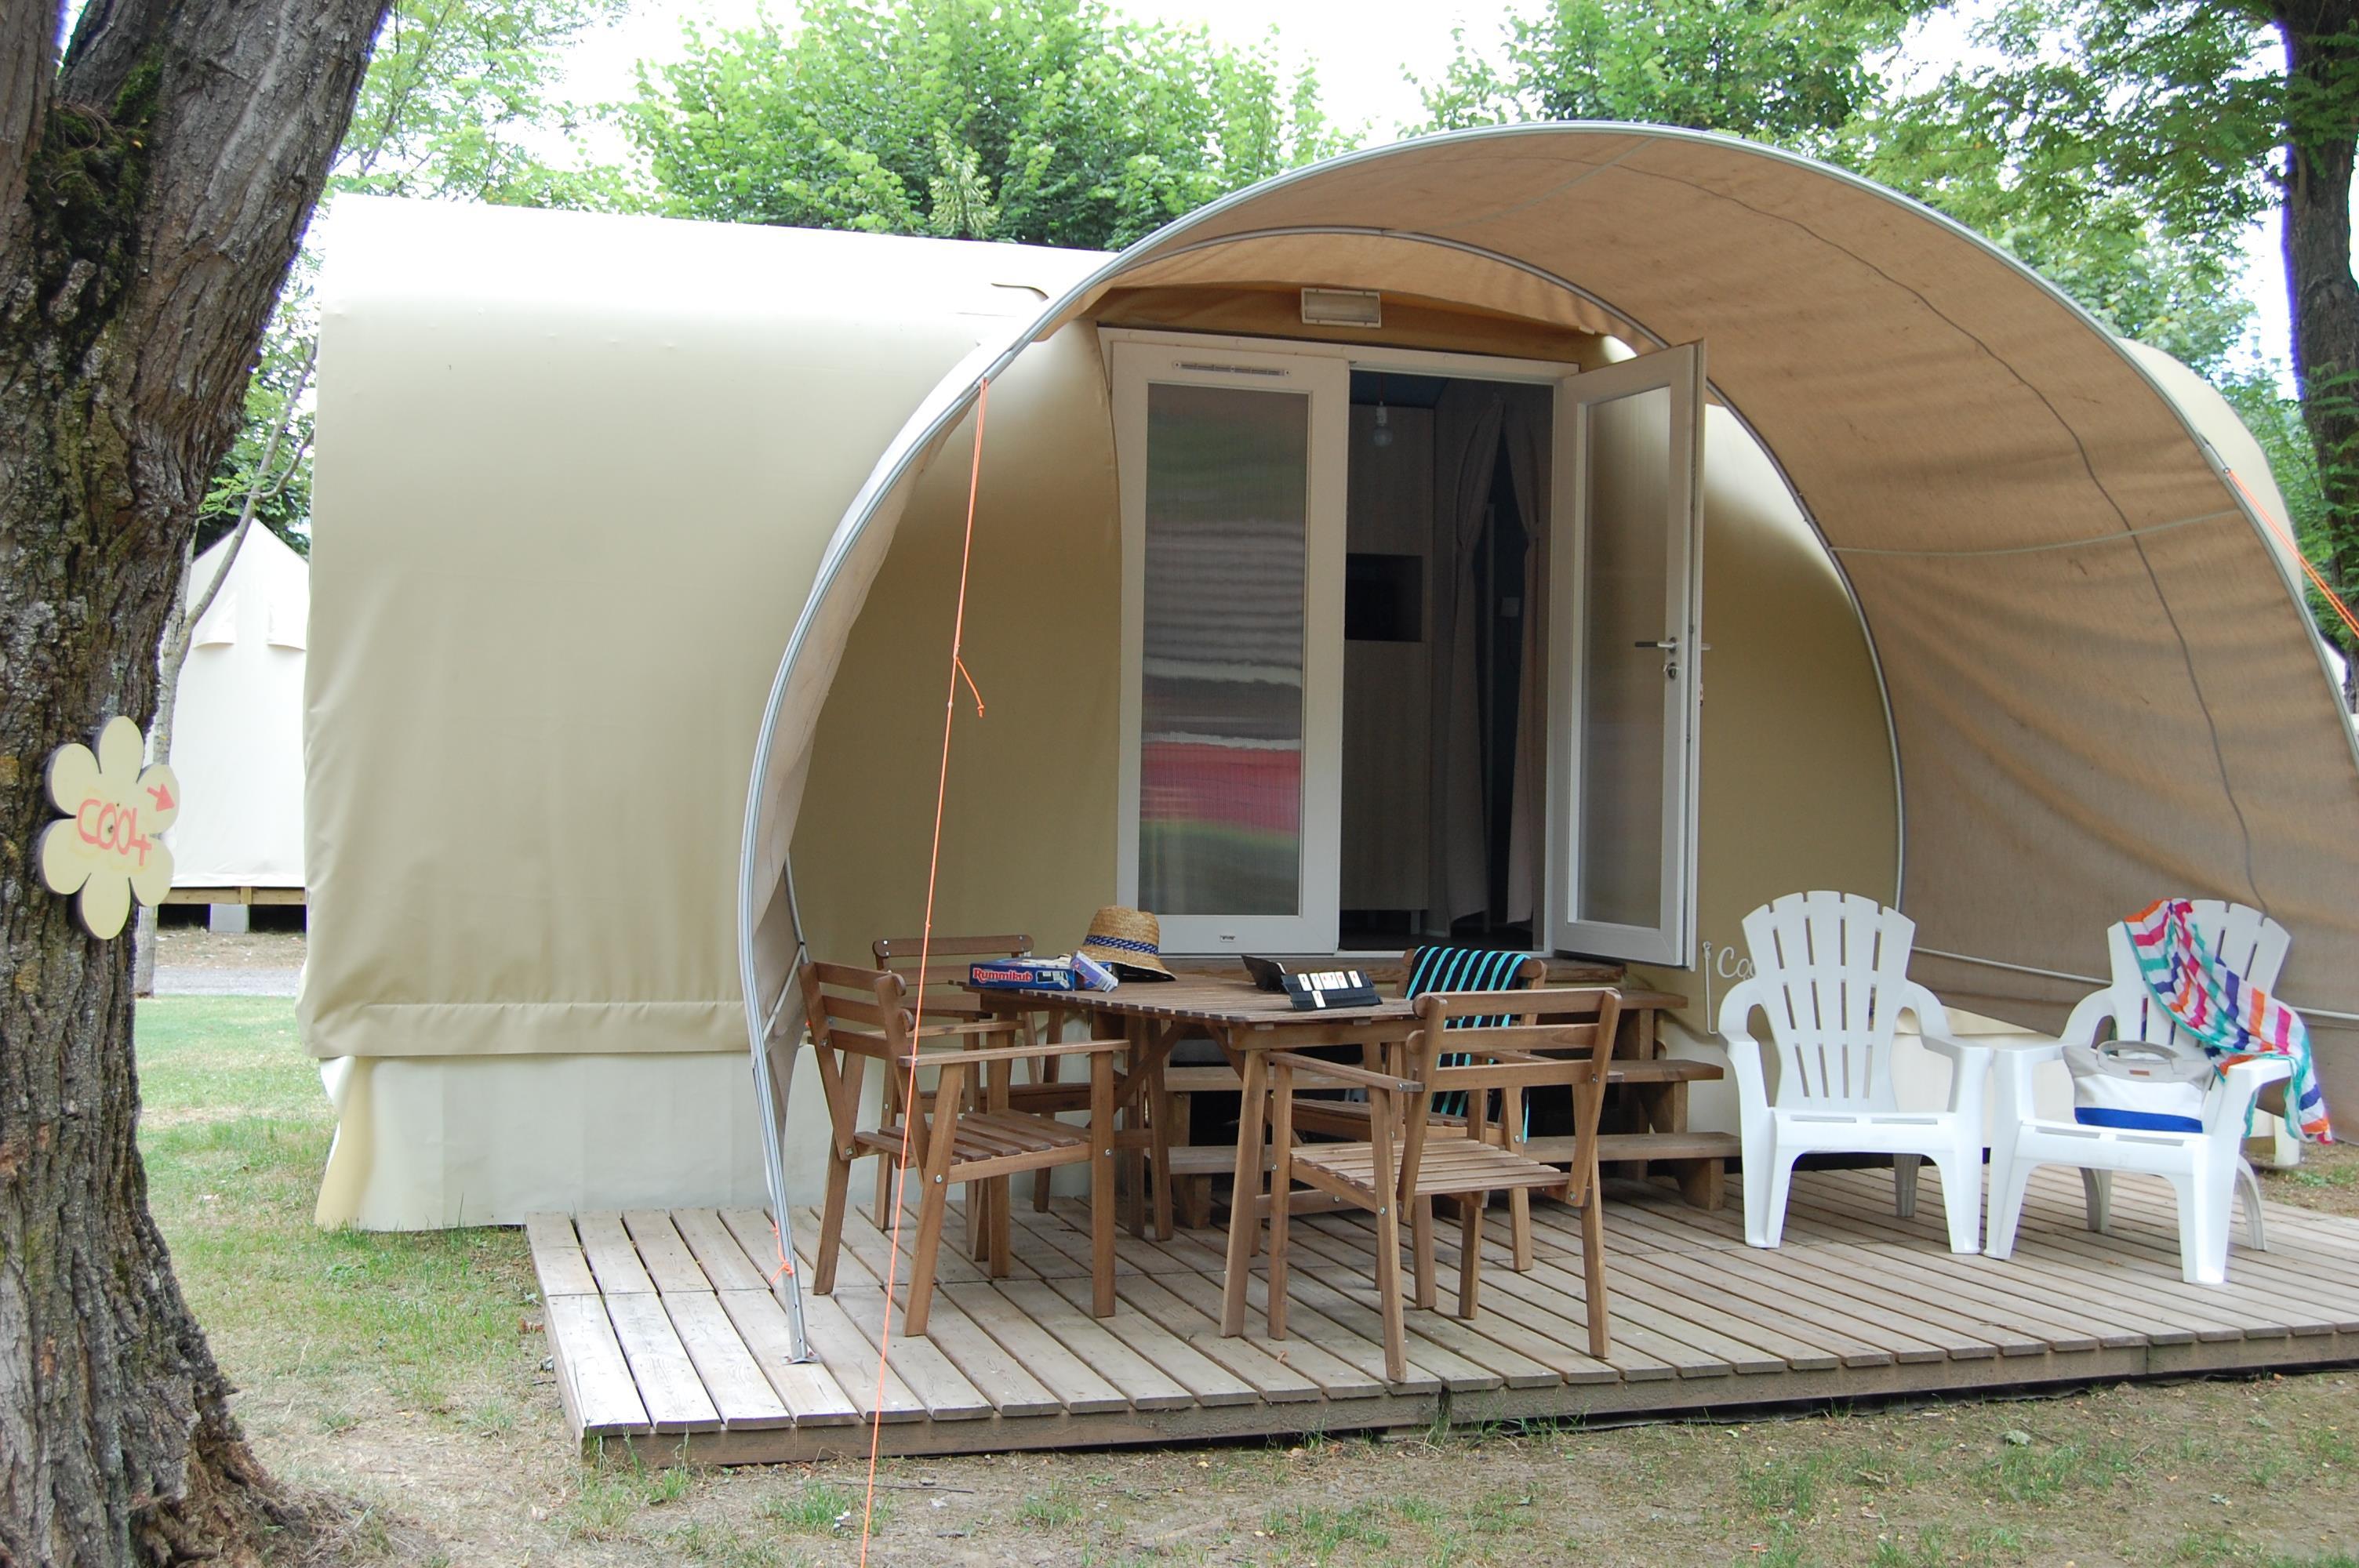 Location - Tente Meublée Coco 16M² (1 Chambre)** - Sans Sanitaires - Yelloh! Village Le Pré Lombard